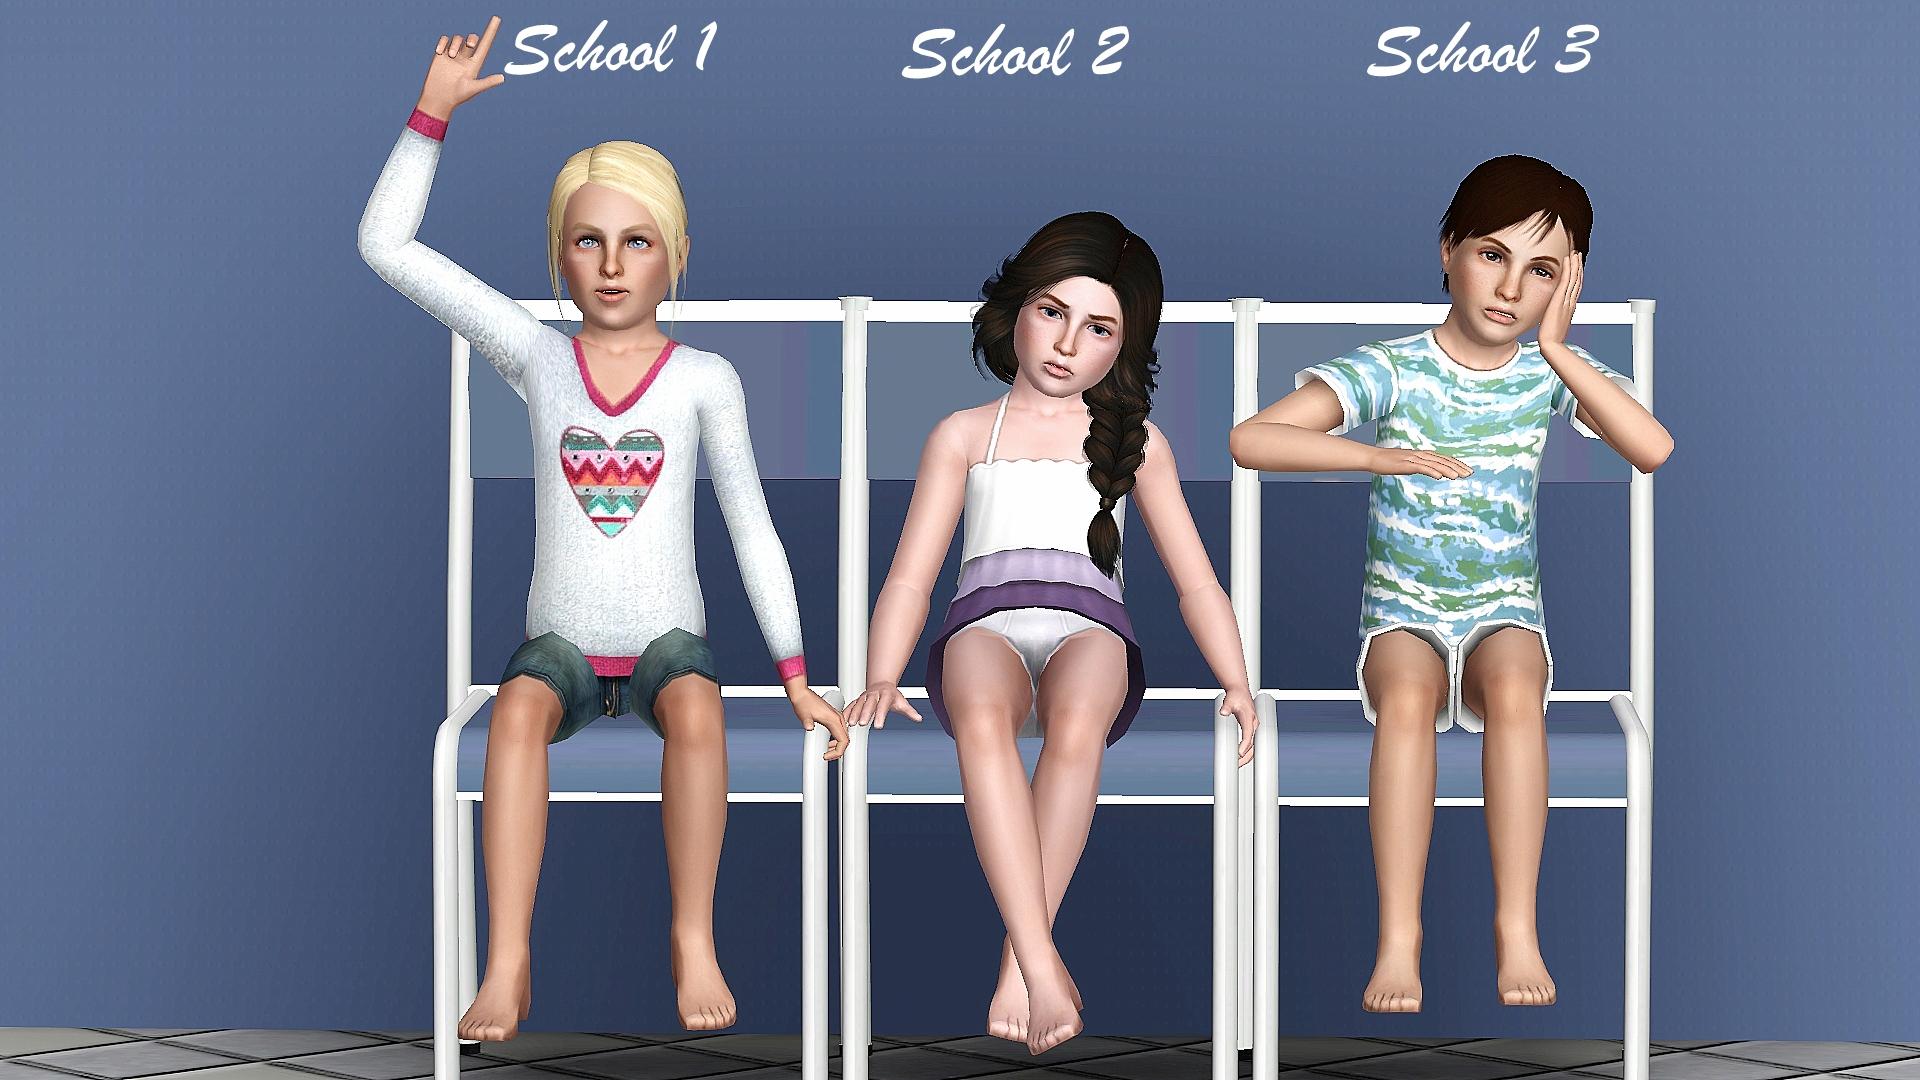 School1to3